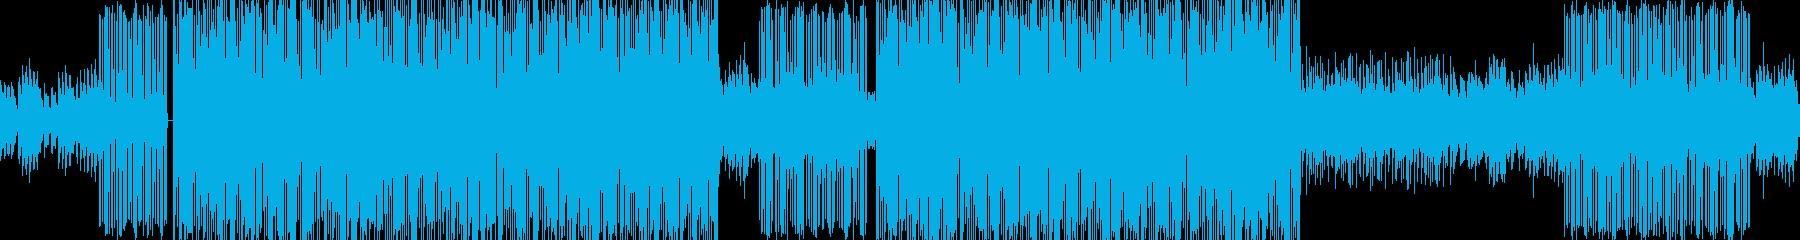 テンションとサスペンス。トリップホップの再生済みの波形